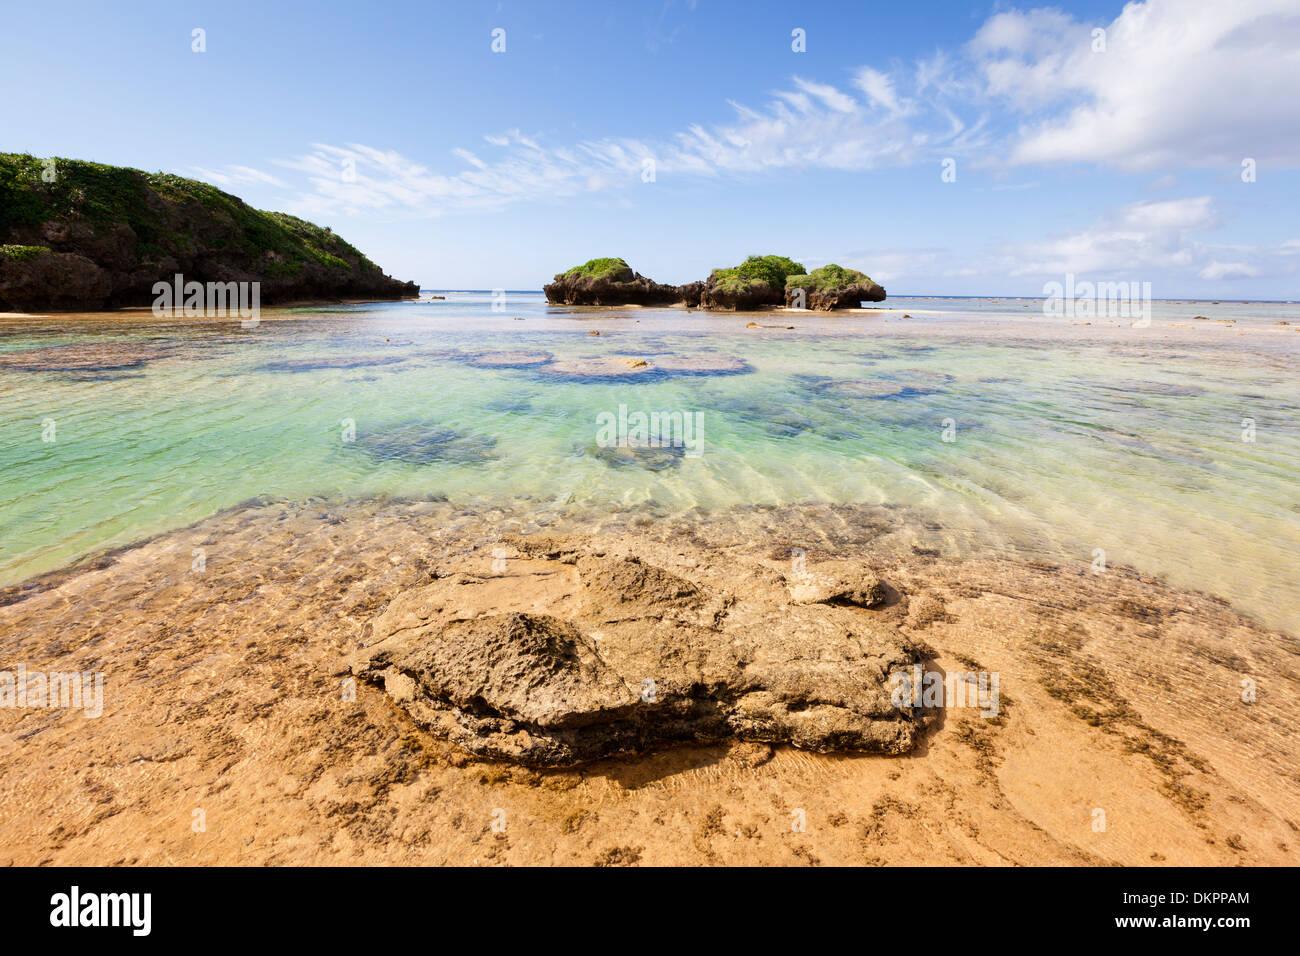 Hoshisuna-no-hama Beach, Iriomote, Okinawa Prefecture, Japan. - Stock Image